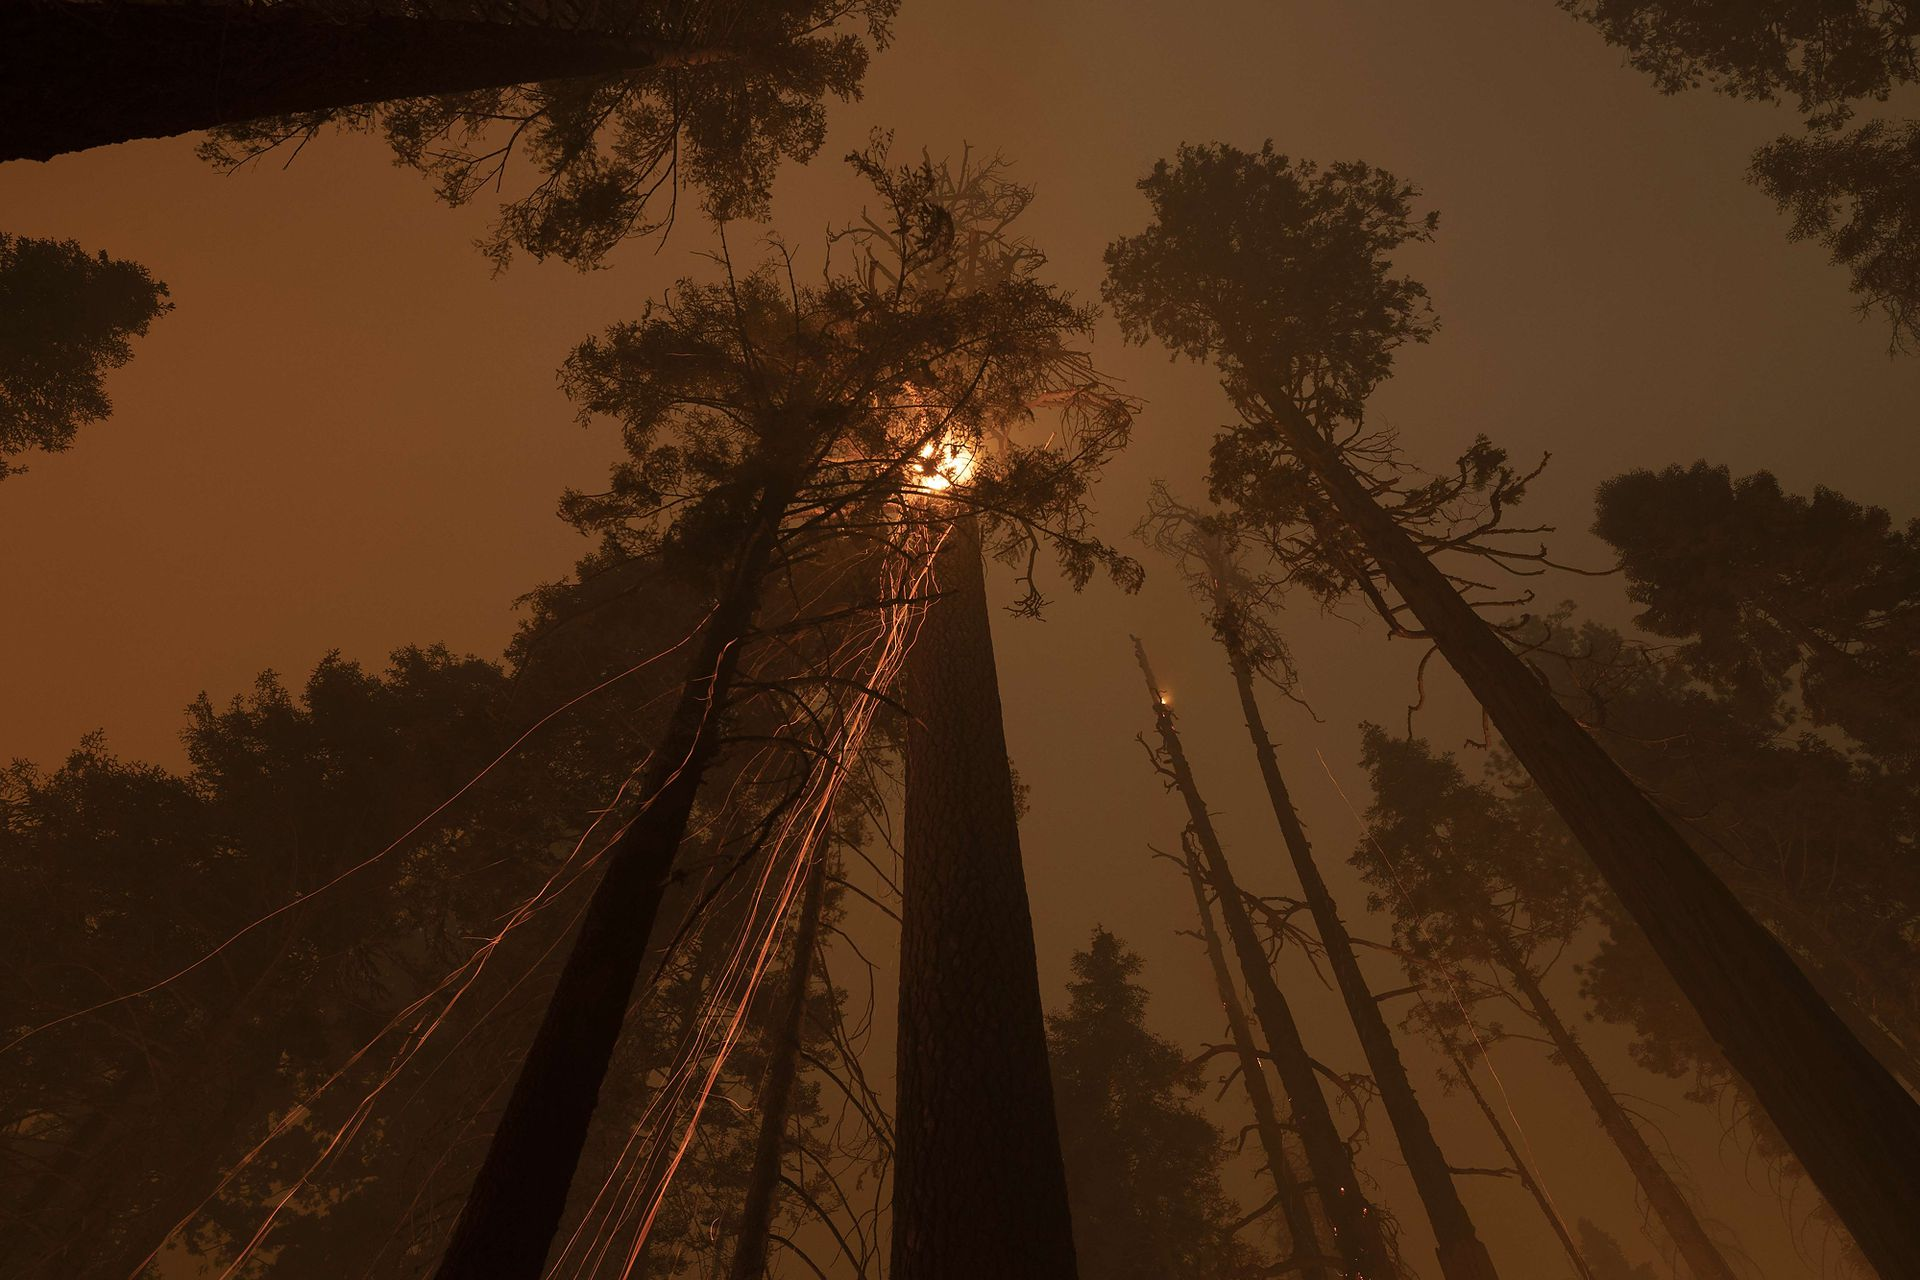 El calor de los incendios forestales ayudó a que los árboles se reprodujeran, pero el aumento de la intensidad del fuego ahora puede matarlos